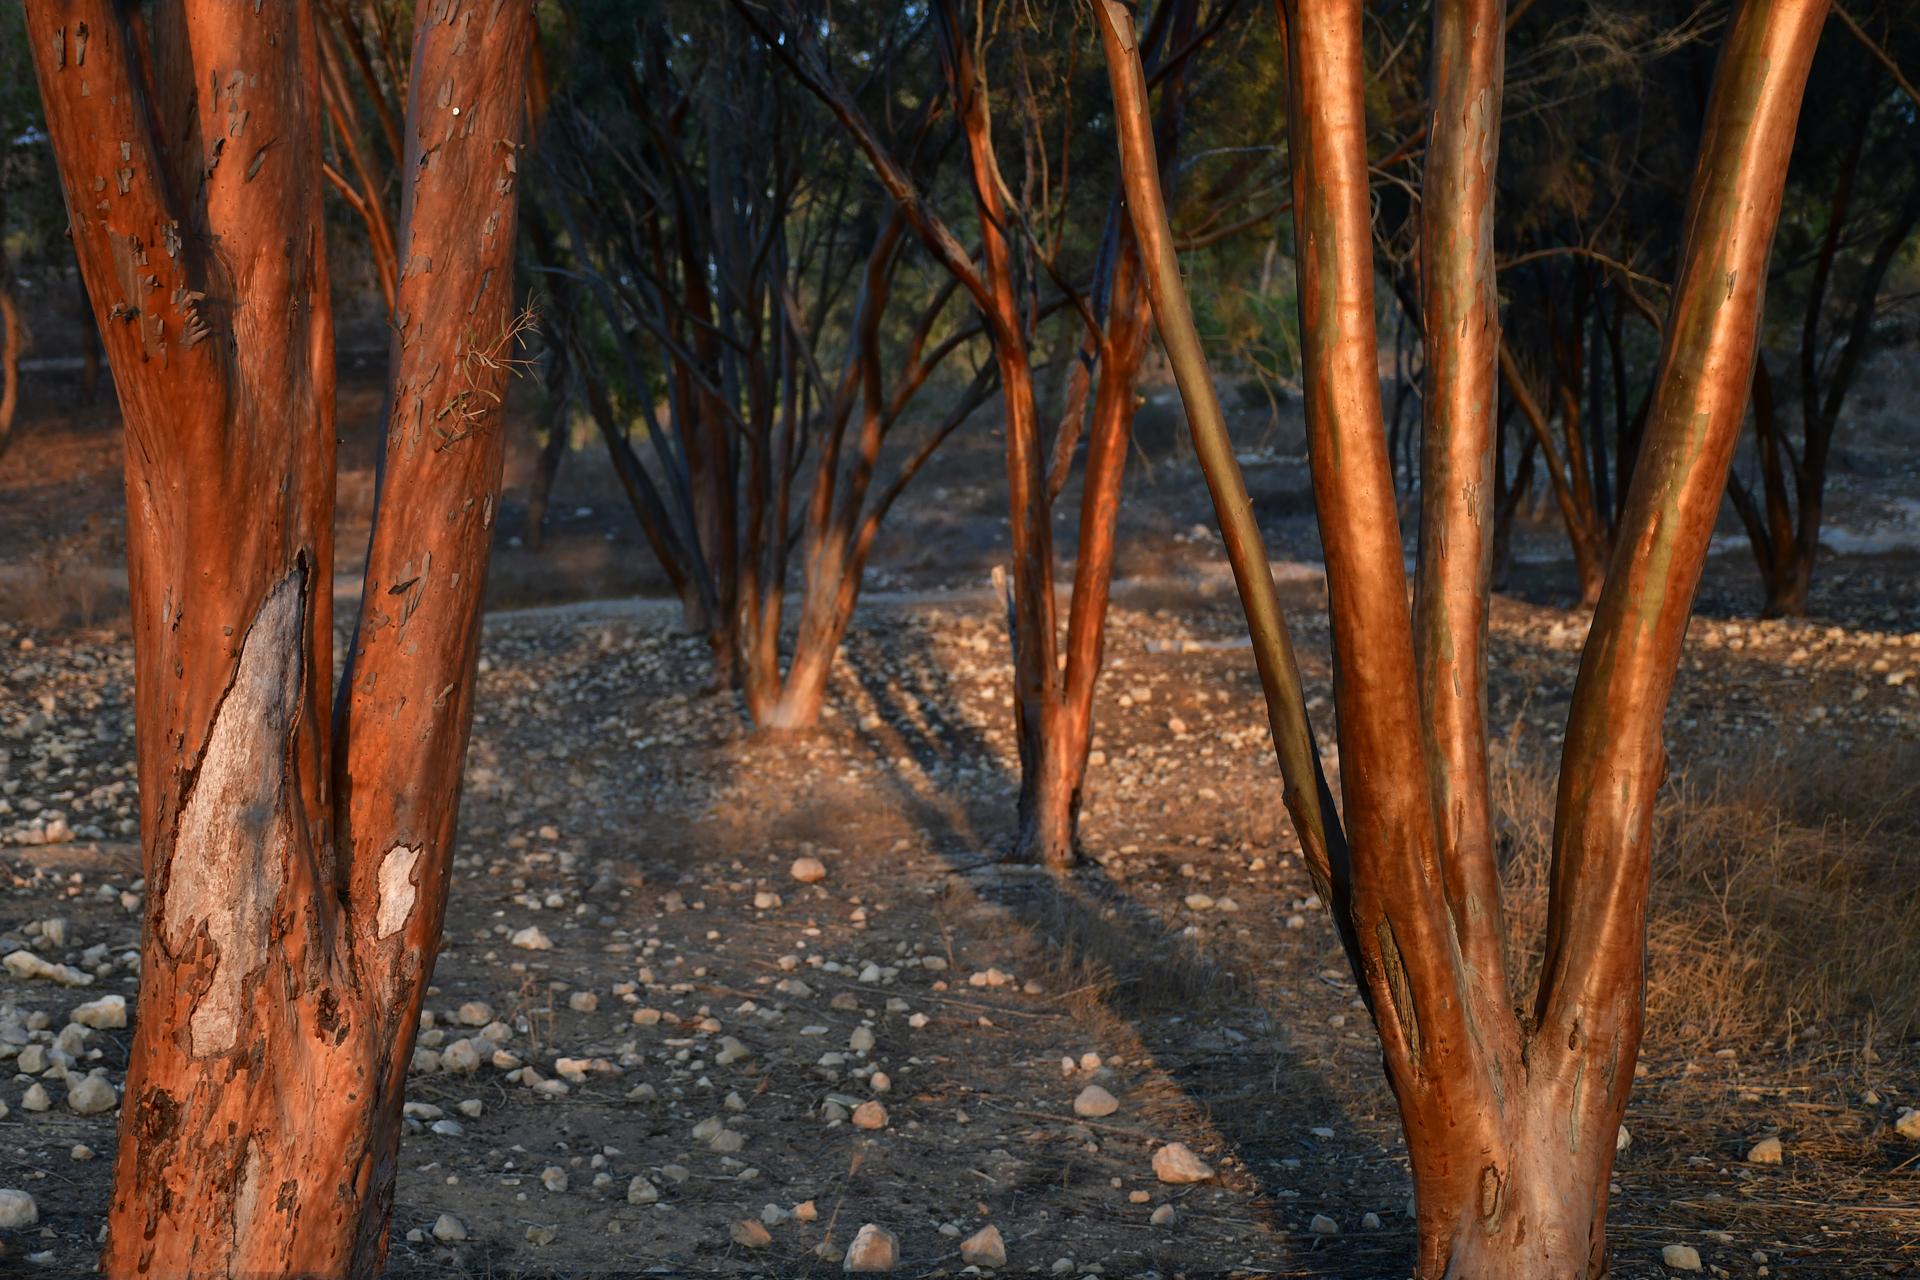 יער להב - יער מכושף - יואל שתרוג - אדמה יוצרת - yoel sitruk